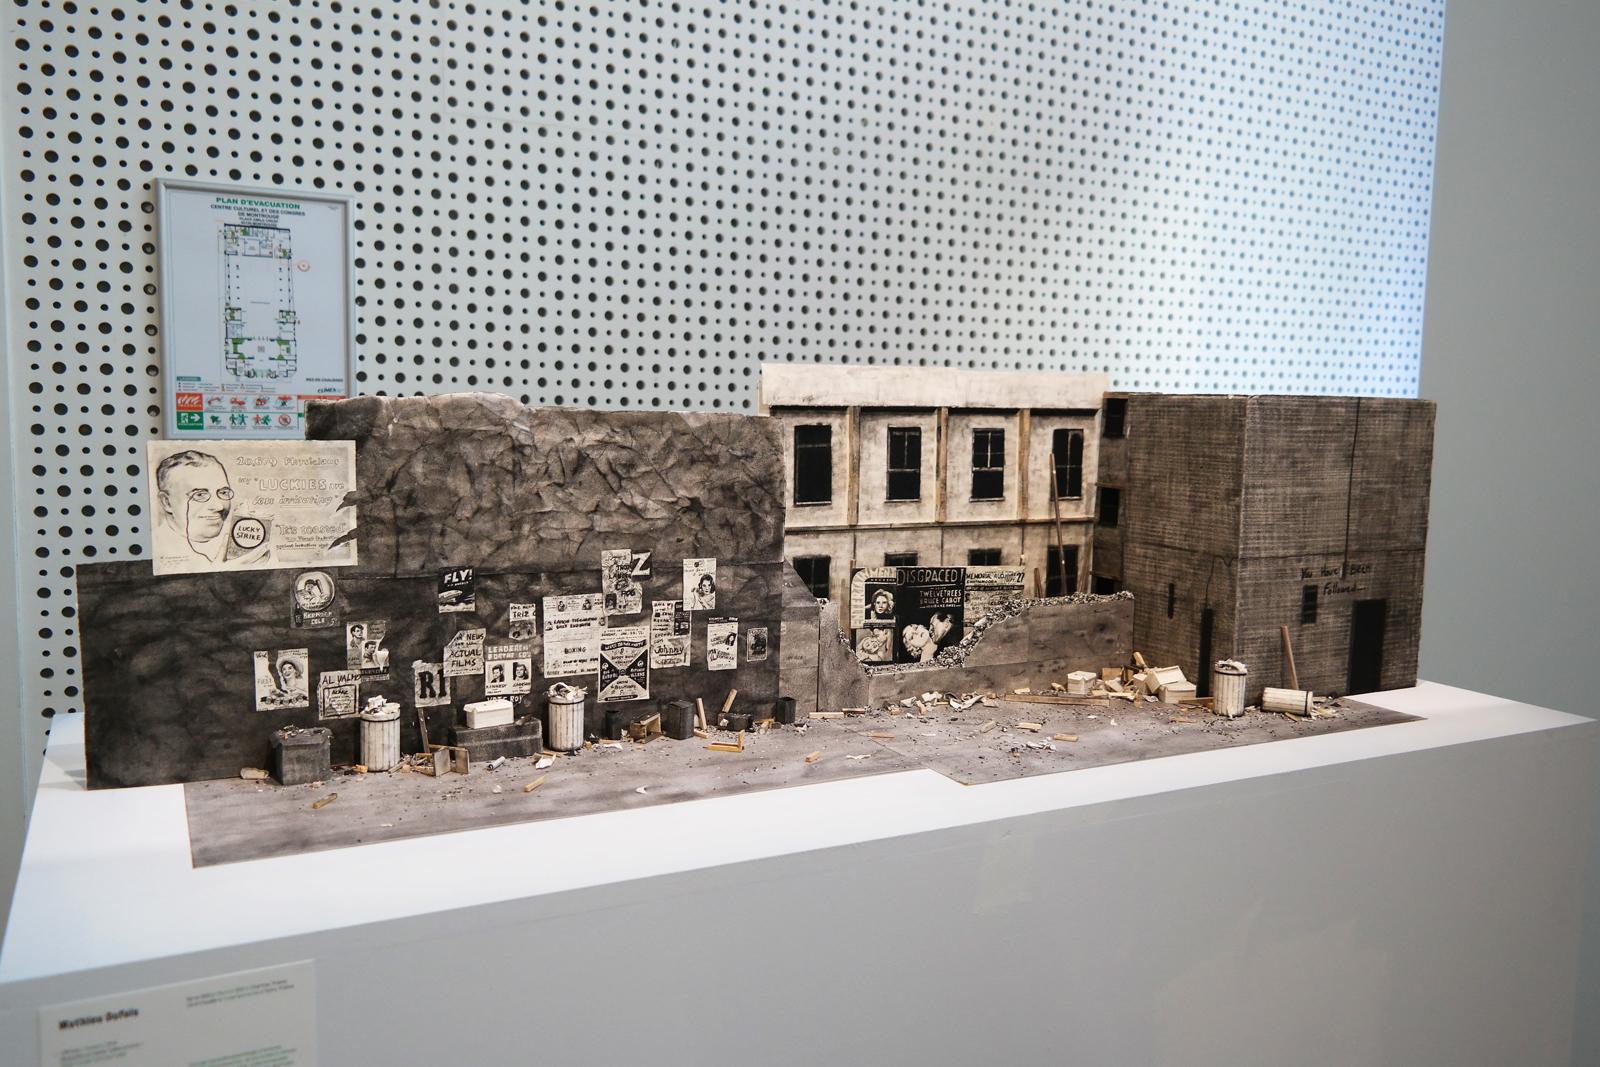 Mathieu Dufois affiches poster 2014 maquette en papier table en bois oeuvre sélection 61e salon de montrouge 2016 art